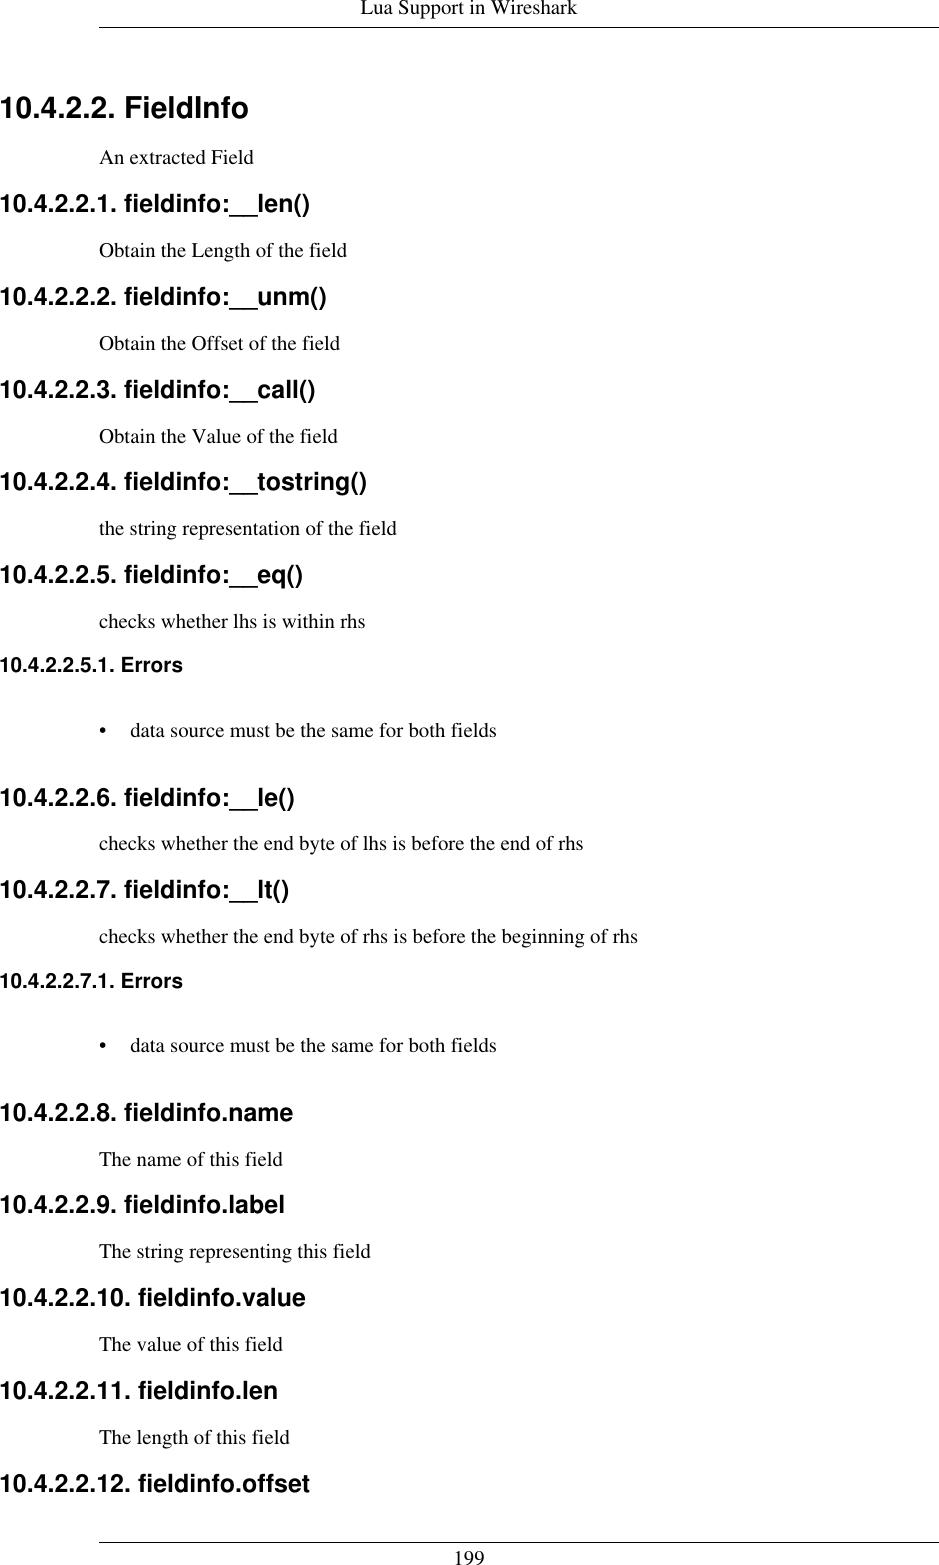 Wireshark 1 0 User Guide